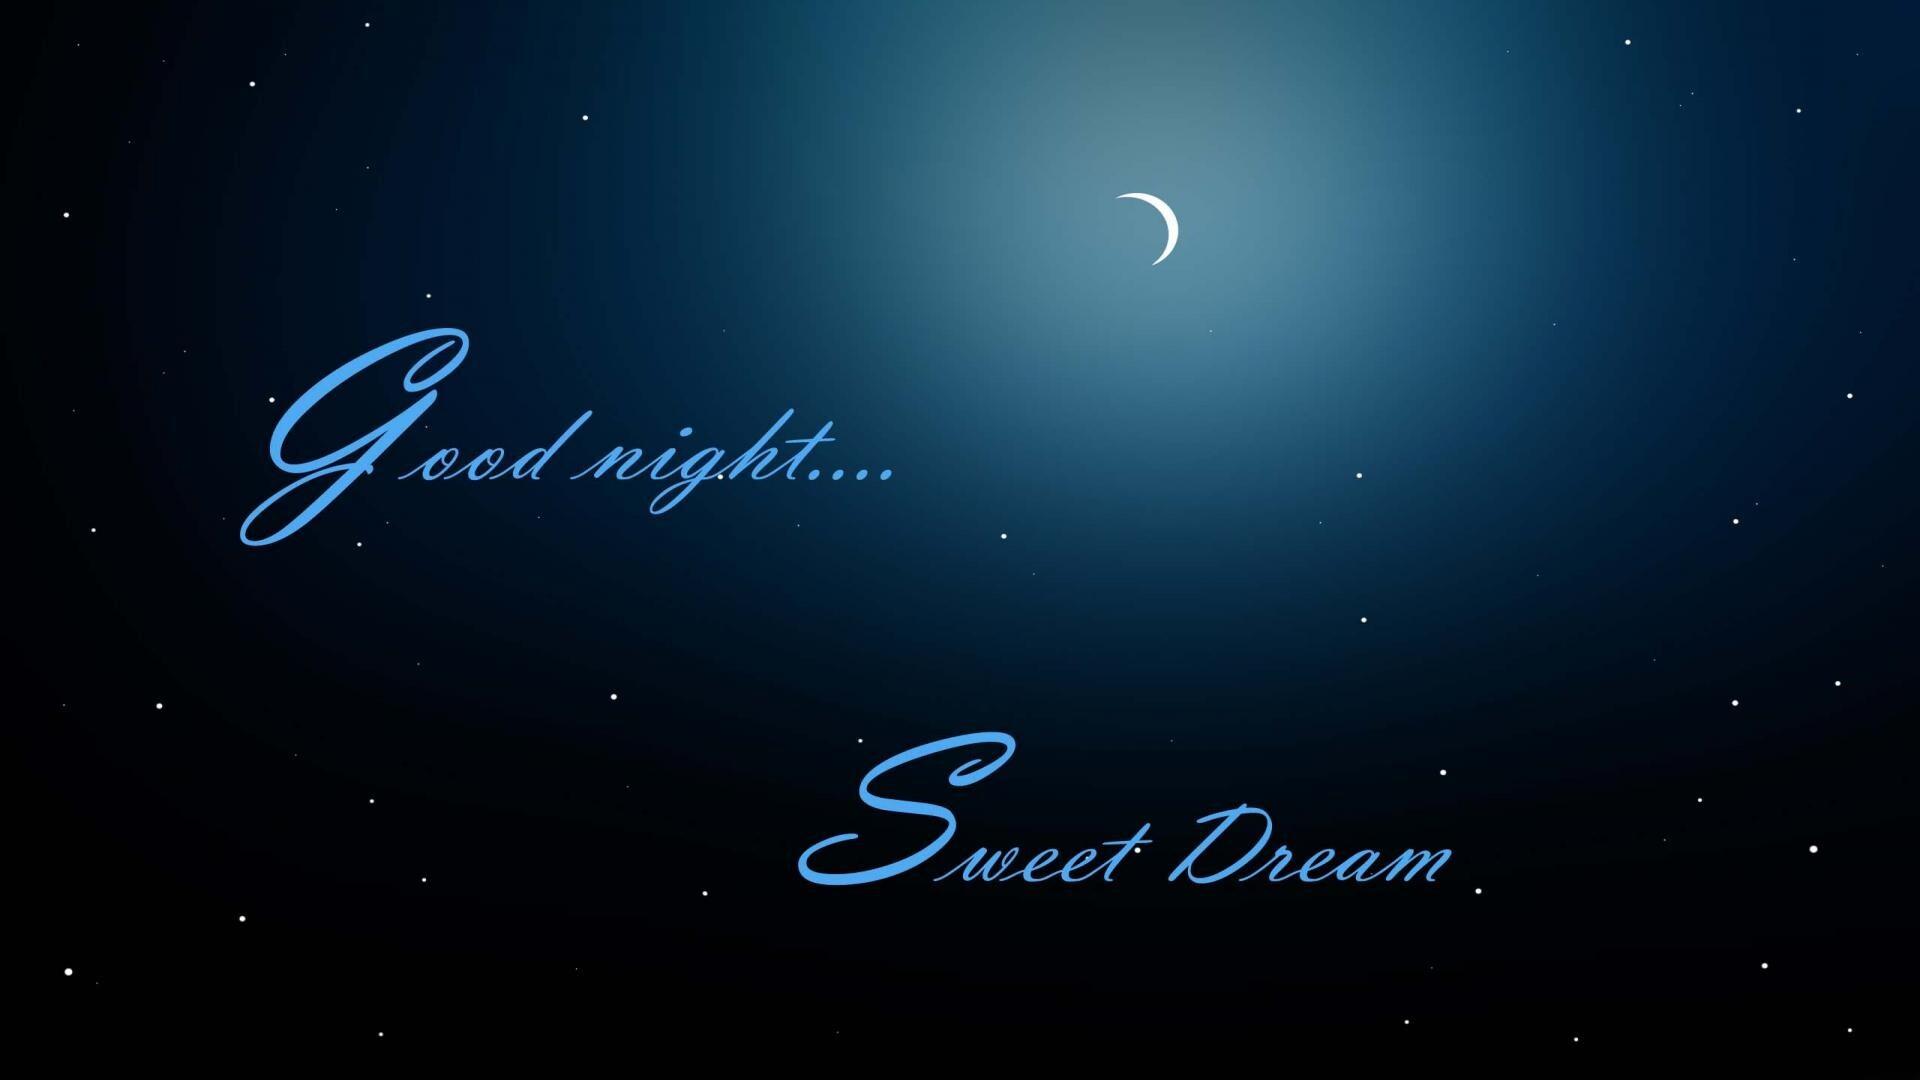 Good Night Sweet Dreams Greetings Nice HD Wallpapers